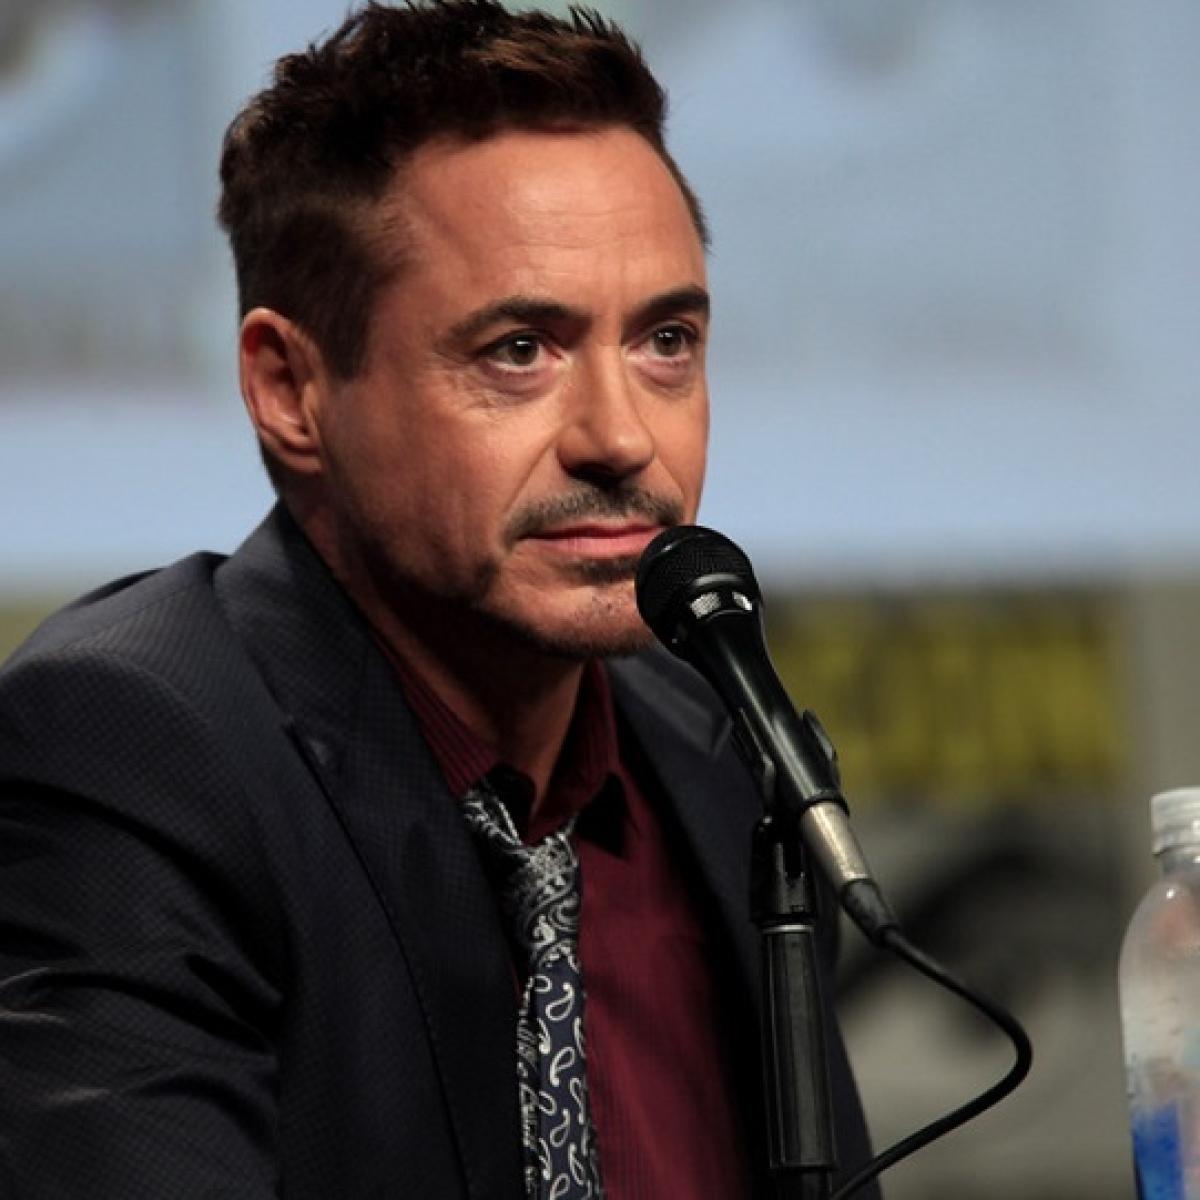 'Iron Man' star Robert Downey Jr is producing a series for Netflix